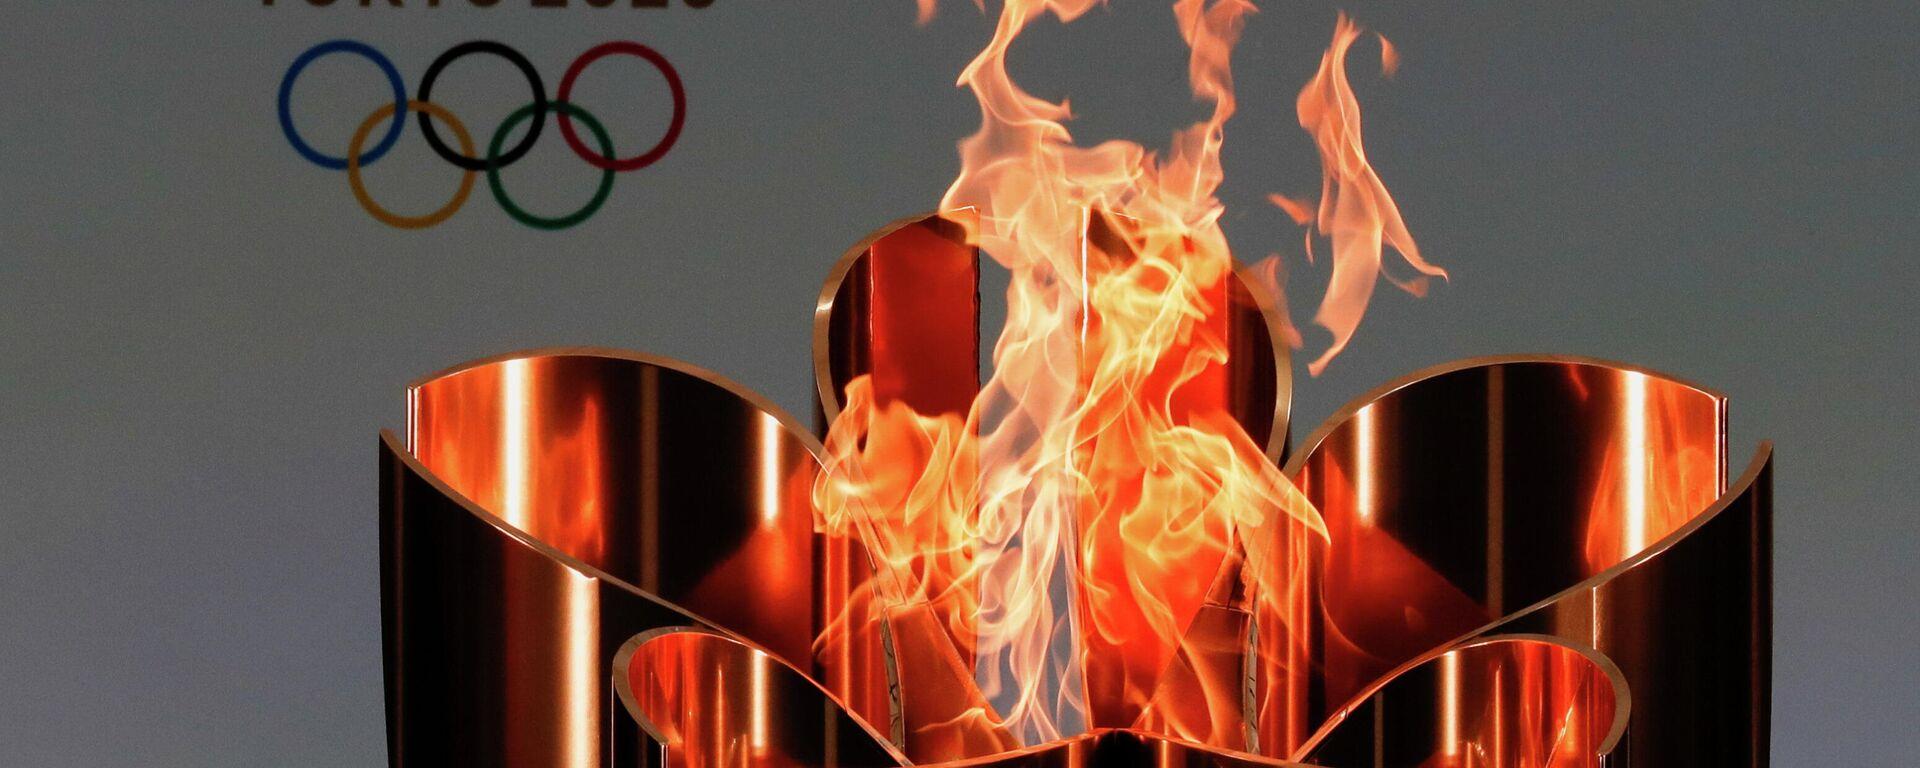 Олимпийский огонь - Sputnik Узбекистан, 1920, 25.06.2021